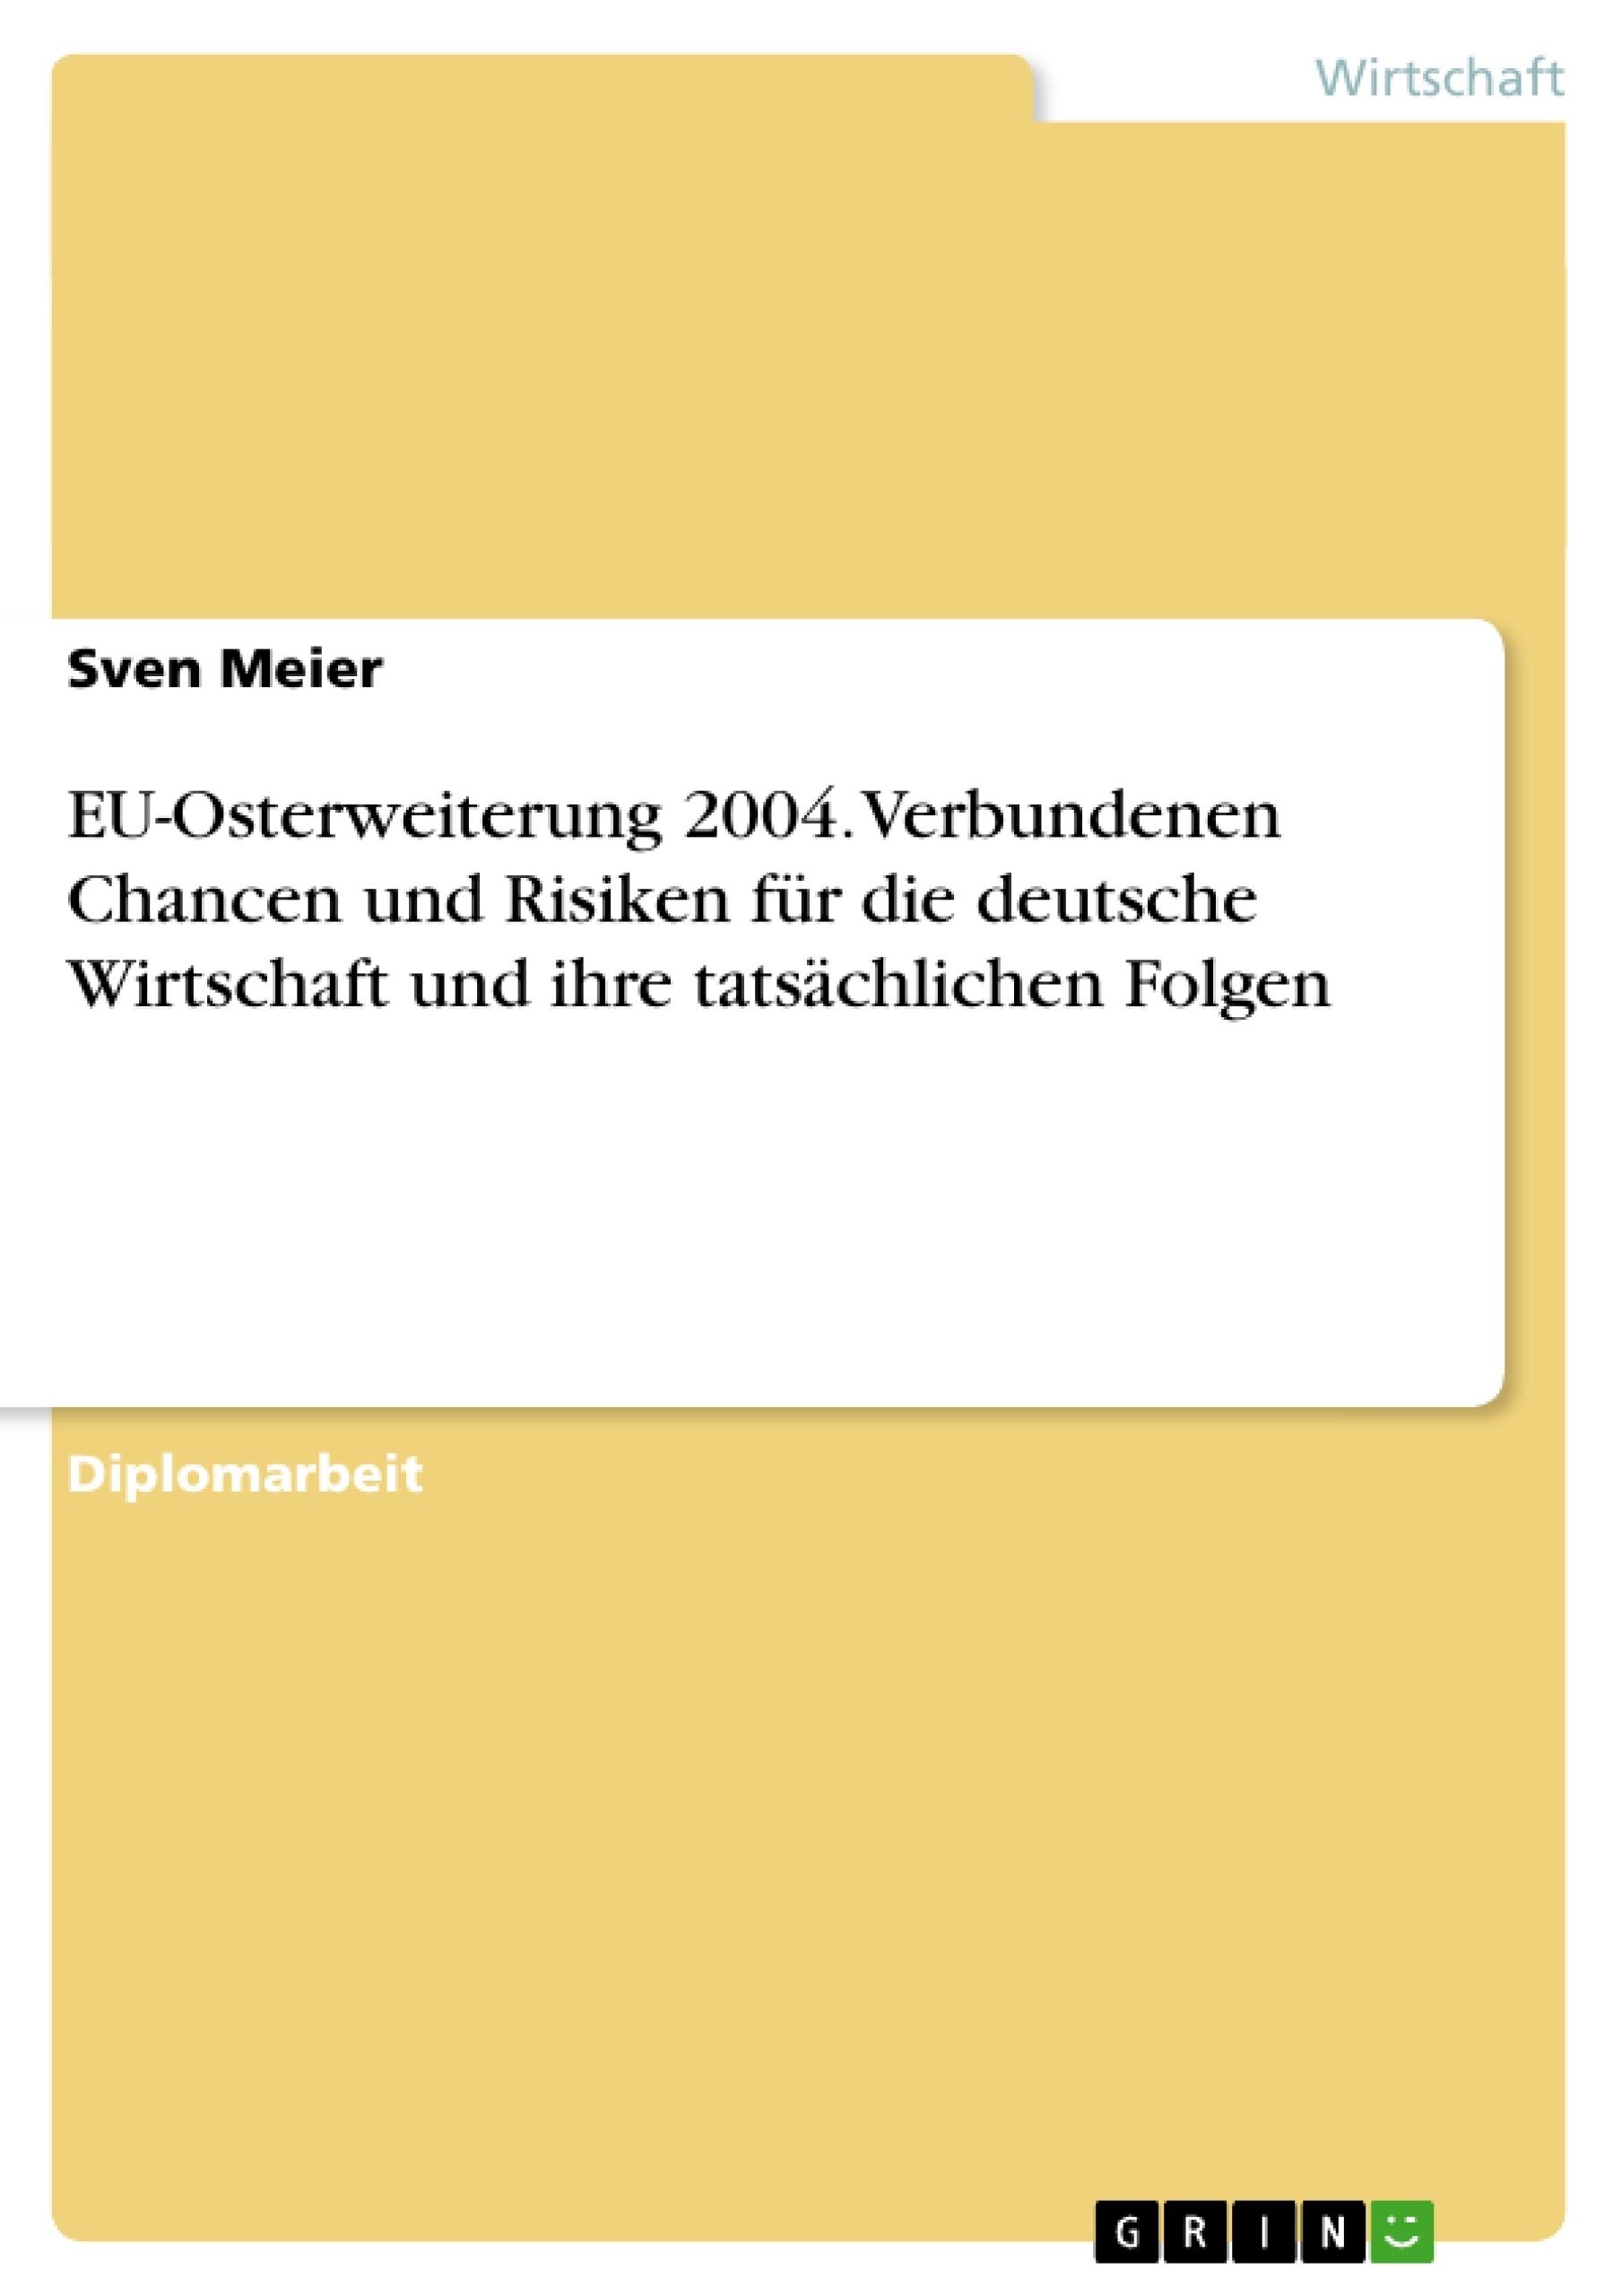 Titel: EU-Osterweiterung 2004. Verbundenen Chancen und Risiken für die deutsche Wirtschaft und ihre tatsächlichen Folgen